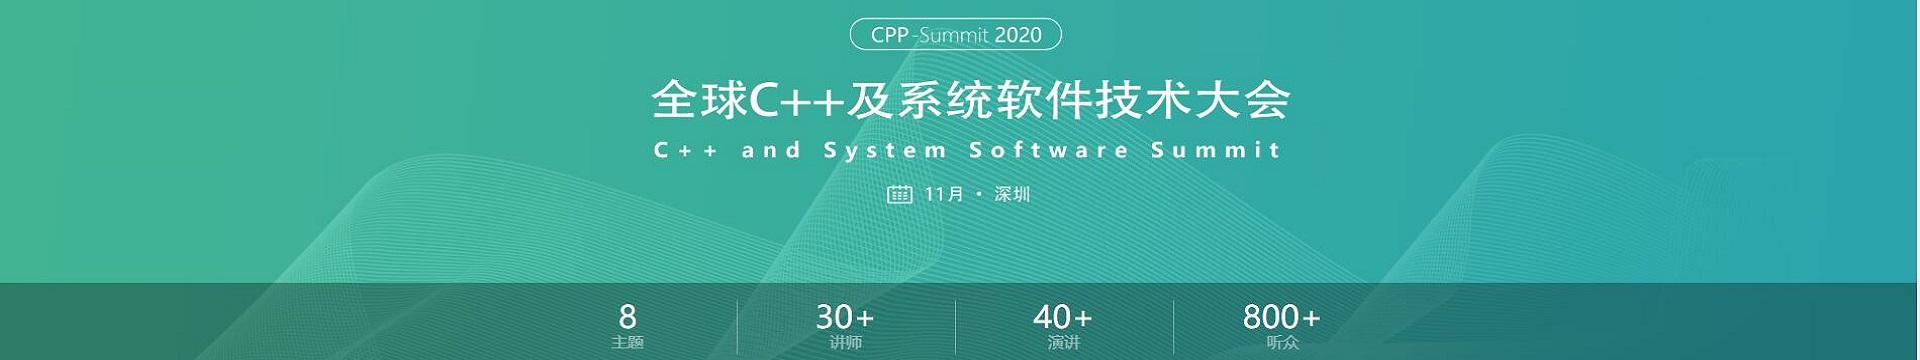 2020全球C++軟件技術大會(深圳)